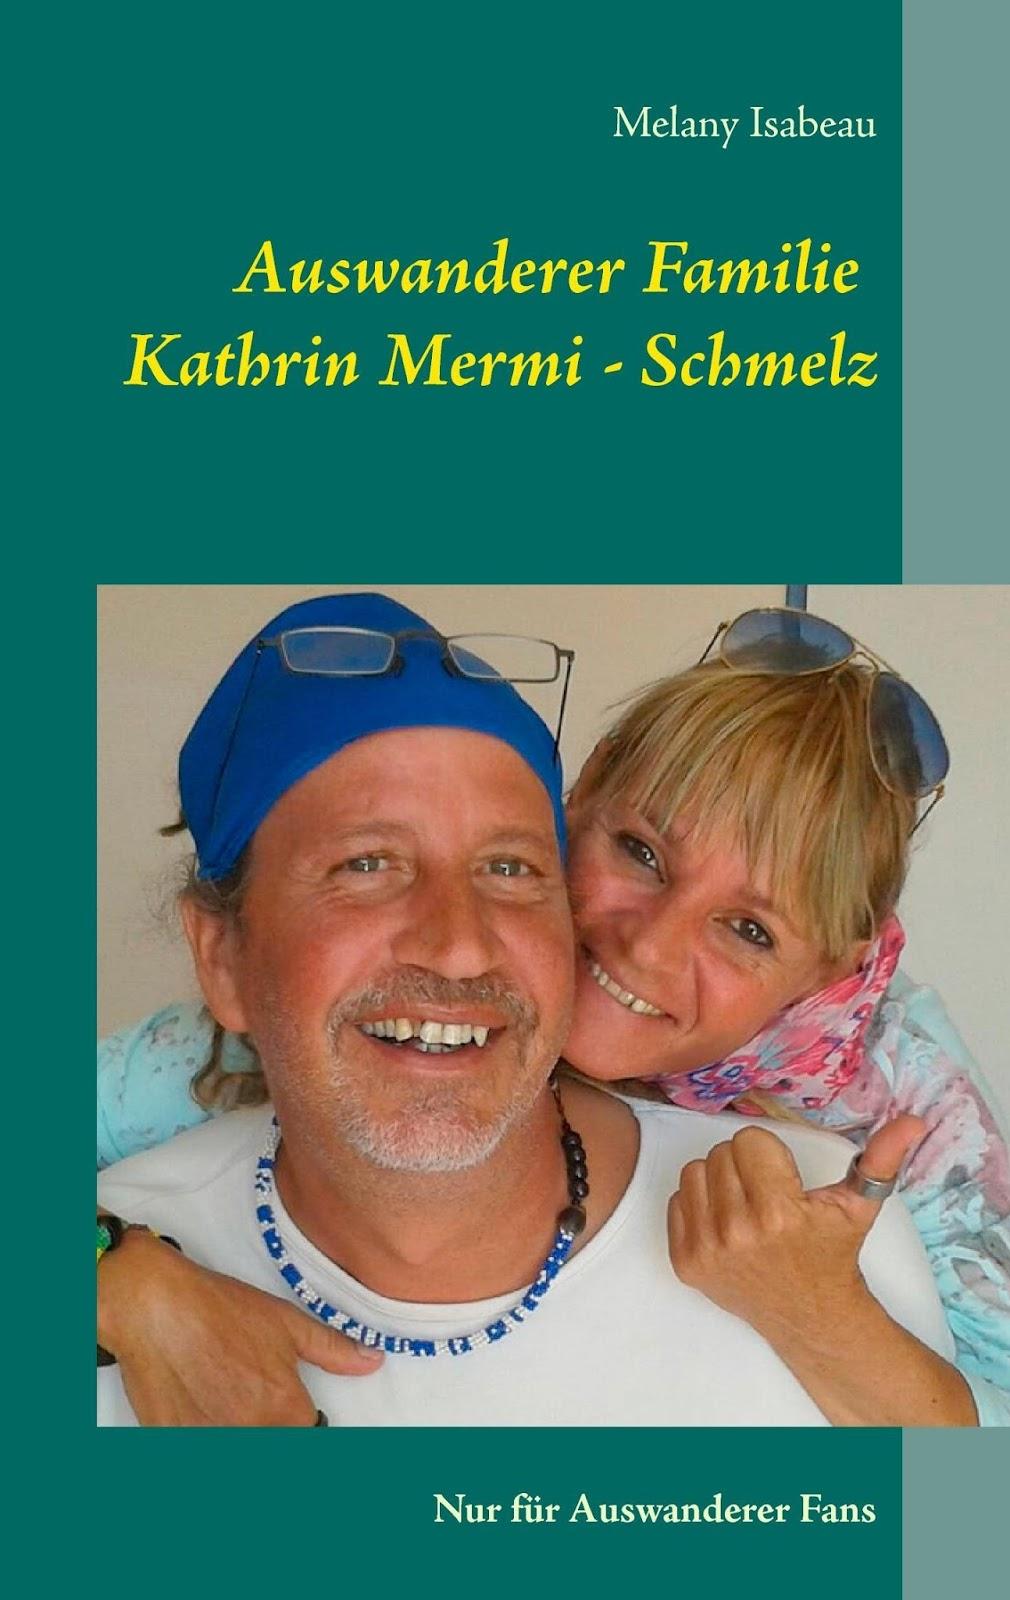 Mermi Schmelz Schweden